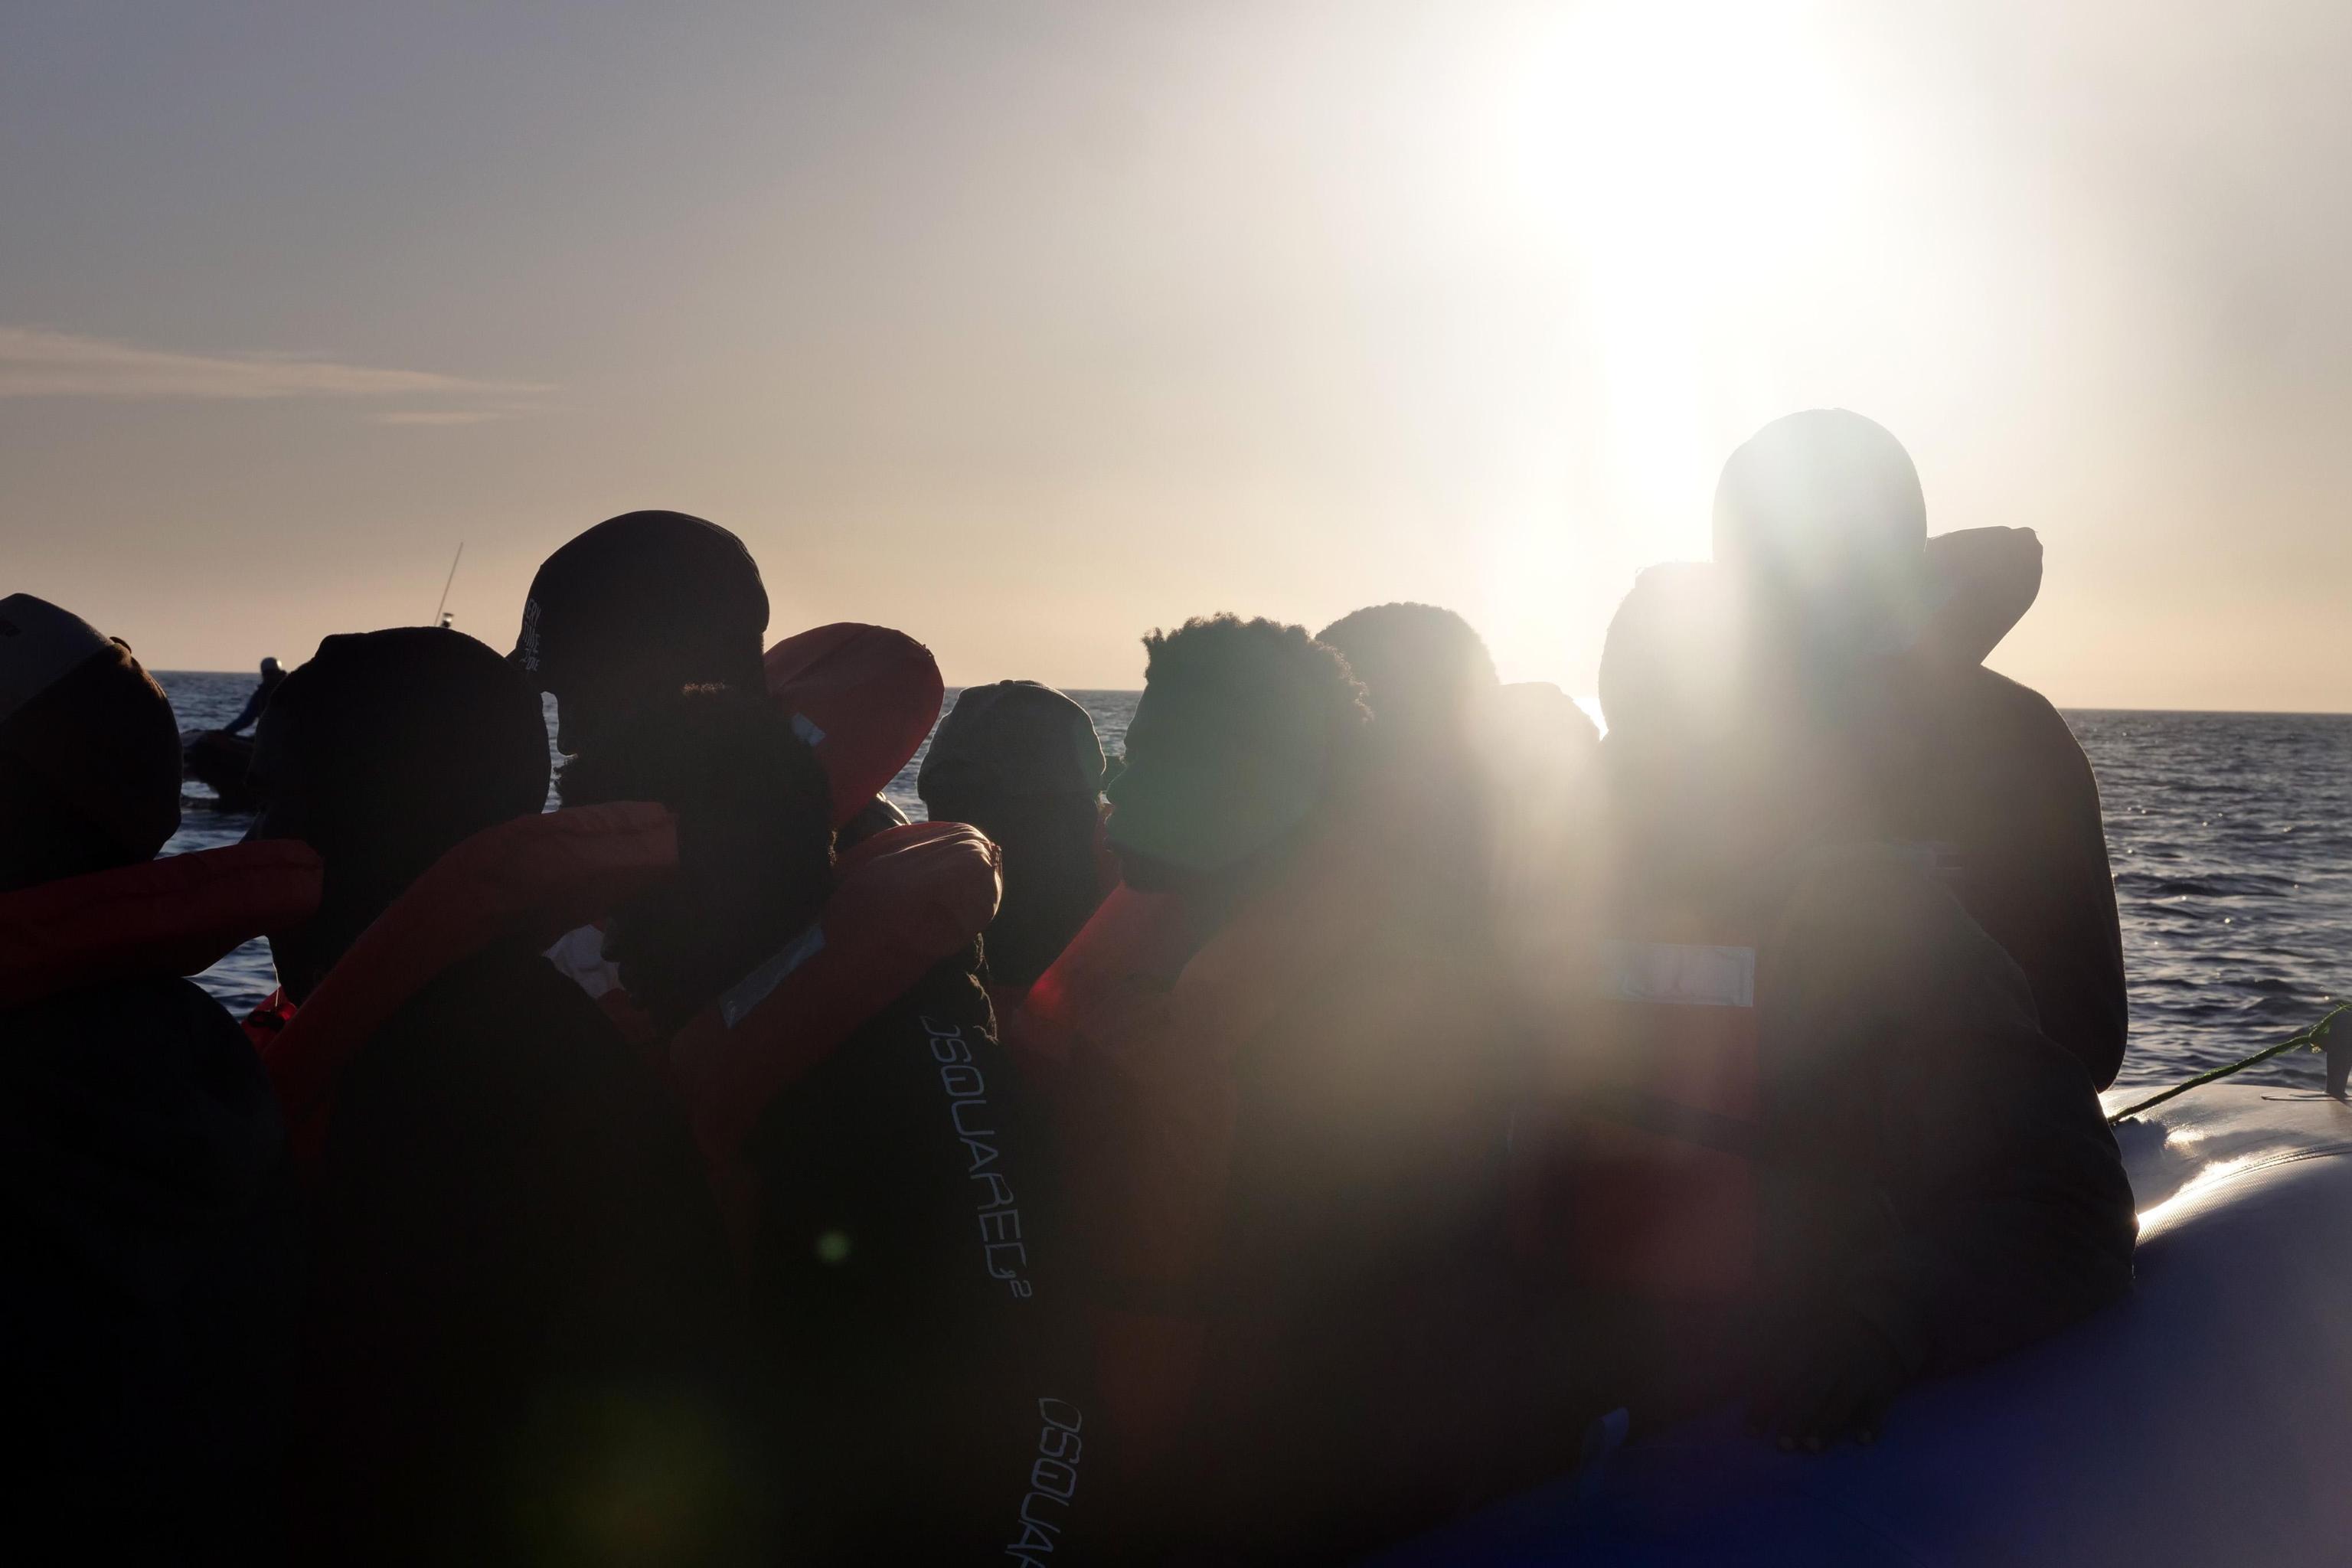 Migranti, nel Mediterraneo si muore di meno come dice Salvini?